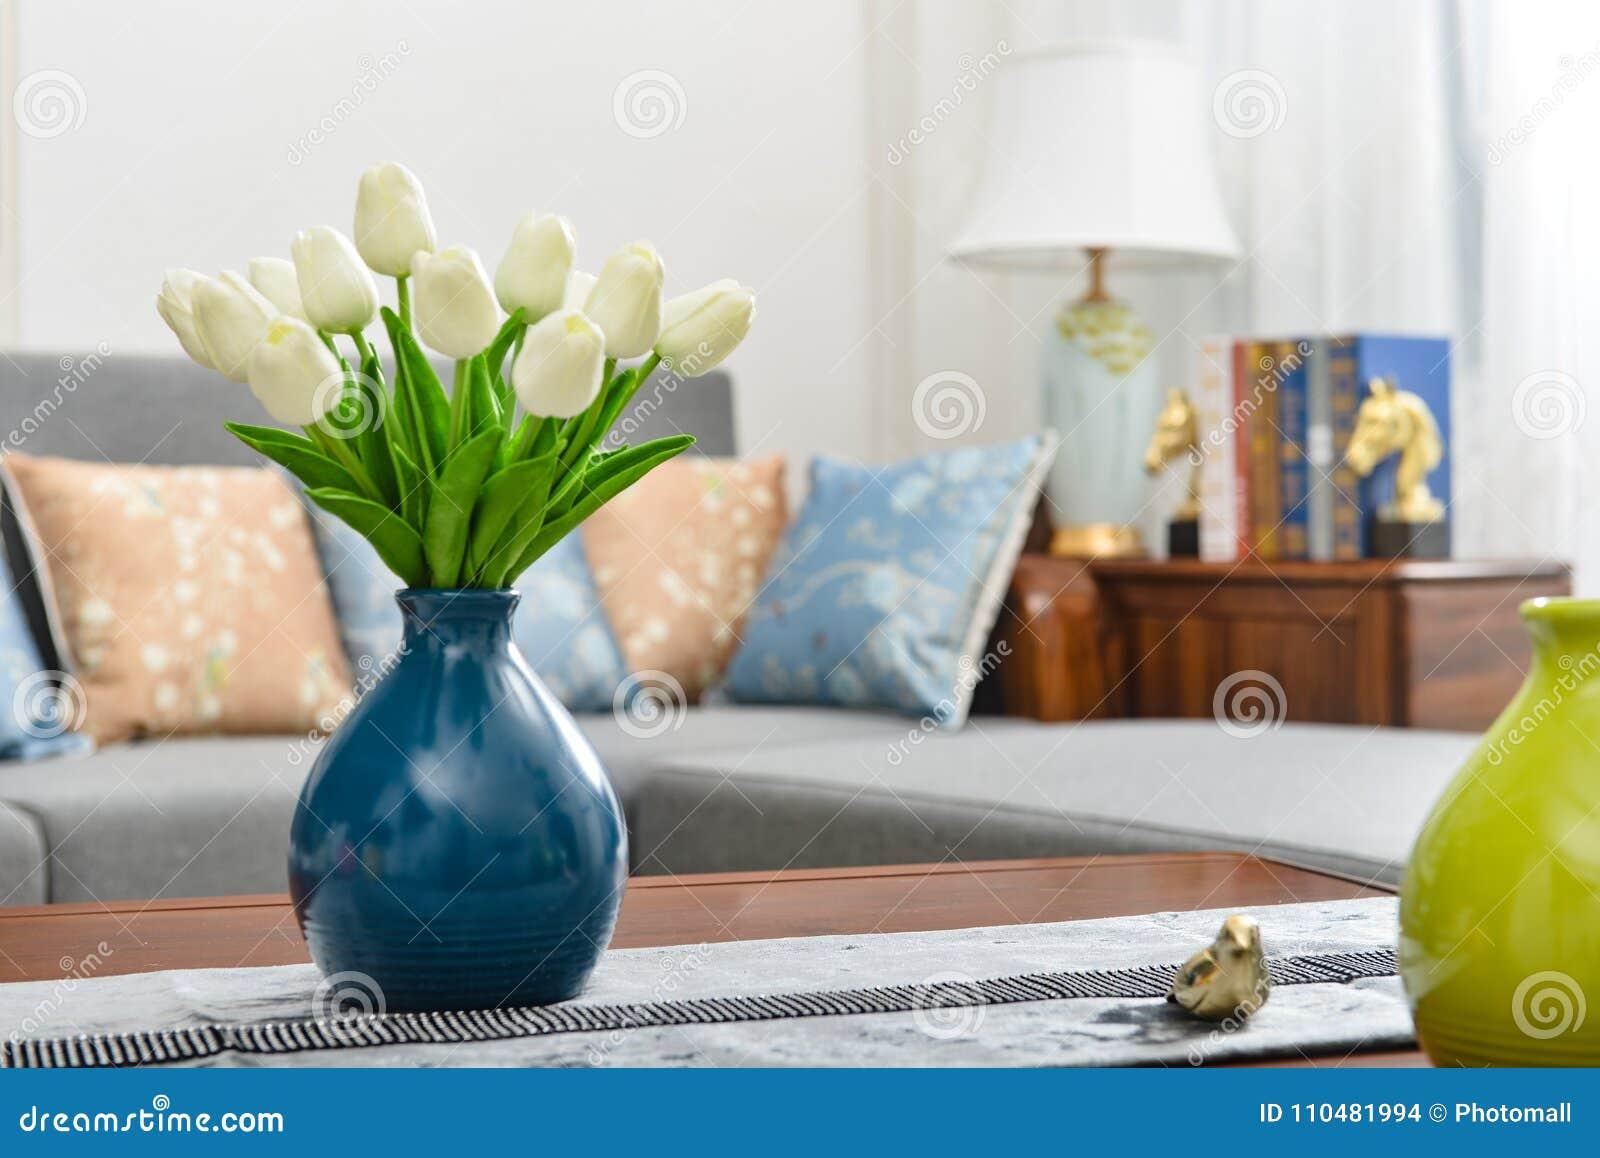 Decoración interior casera, ramo del tulipán en florero